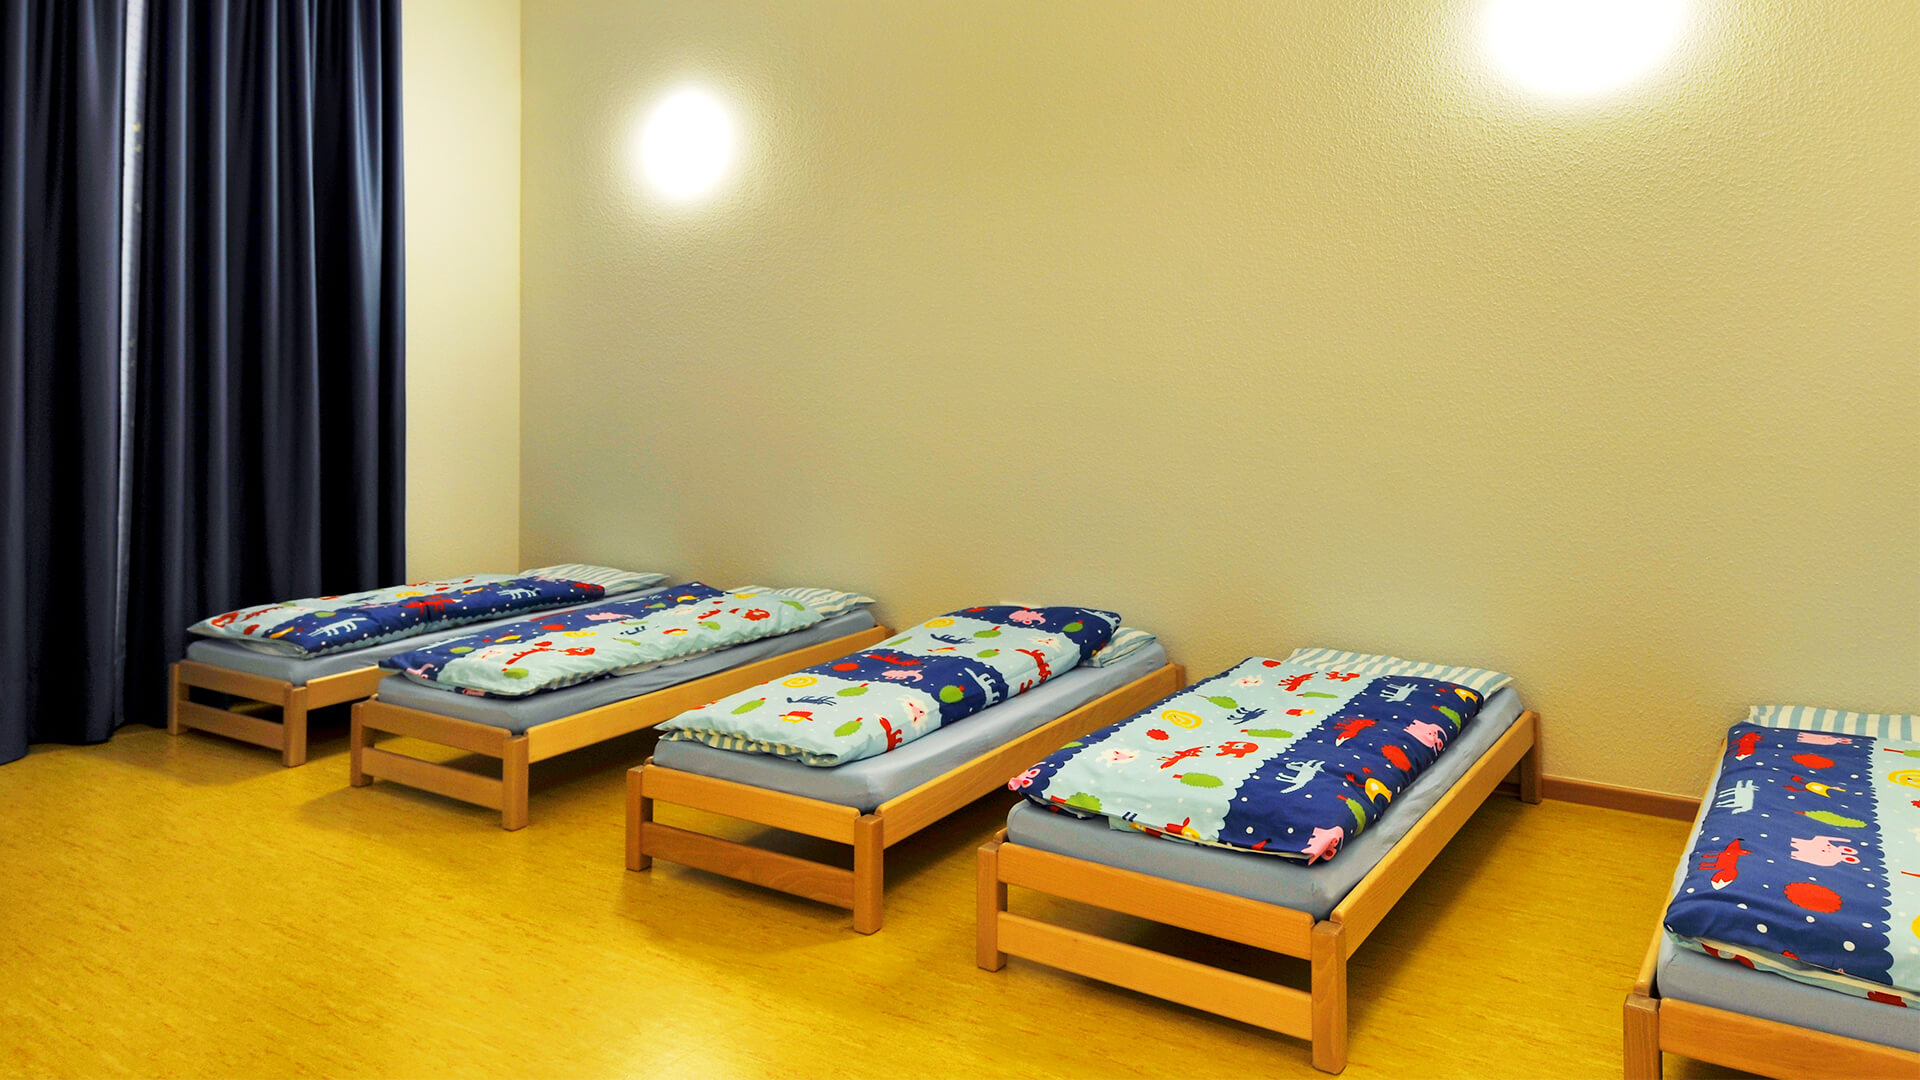 Ruhebereich mit bodennahen Kinderbetten